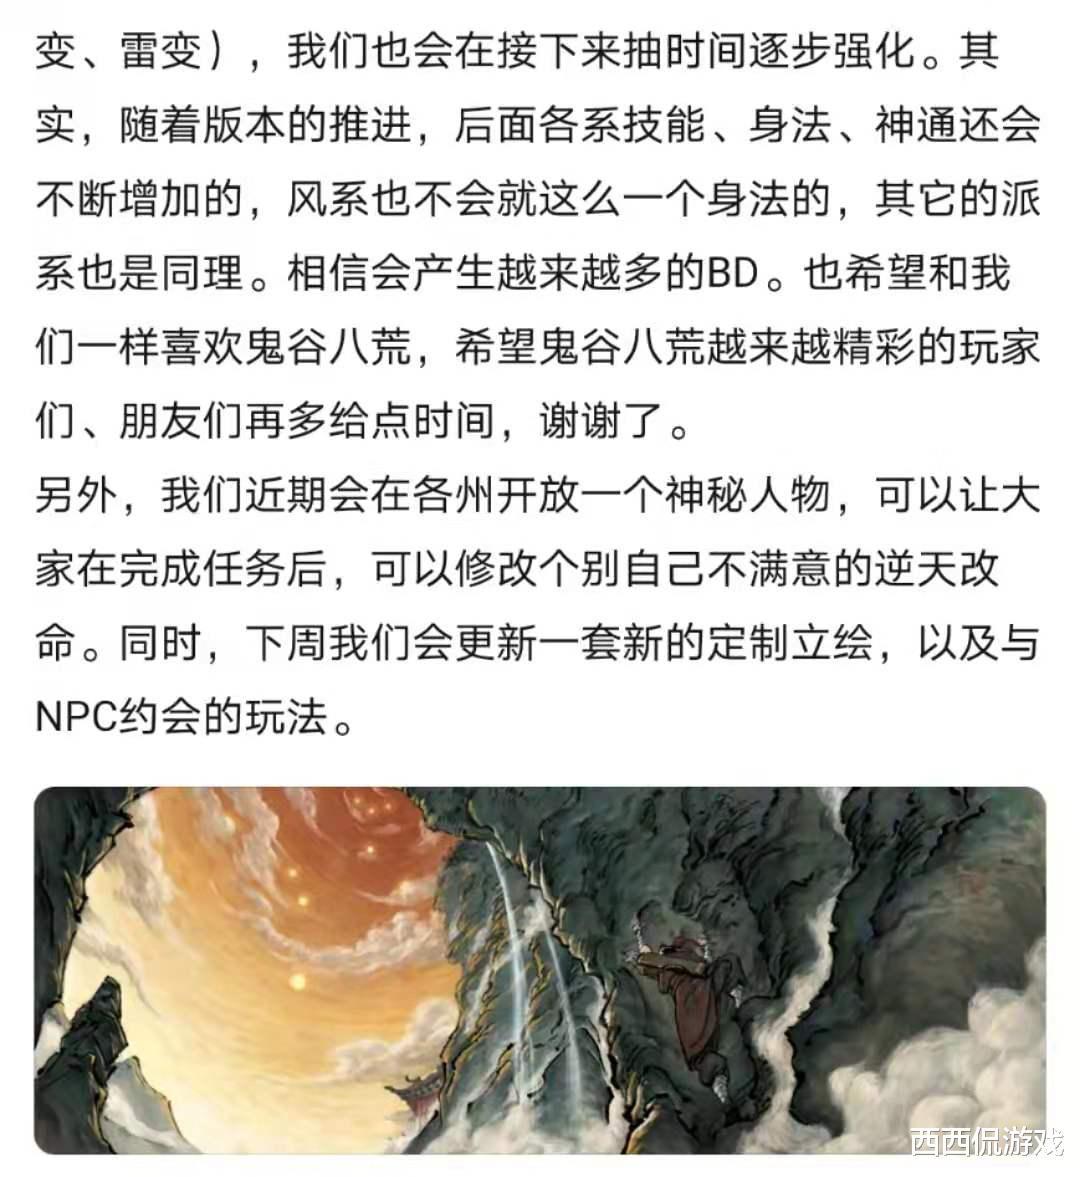 《【煜星娱乐登陆注册】鬼谷工作室终于向玩家妥协,制作人是否要被玩家支配?》